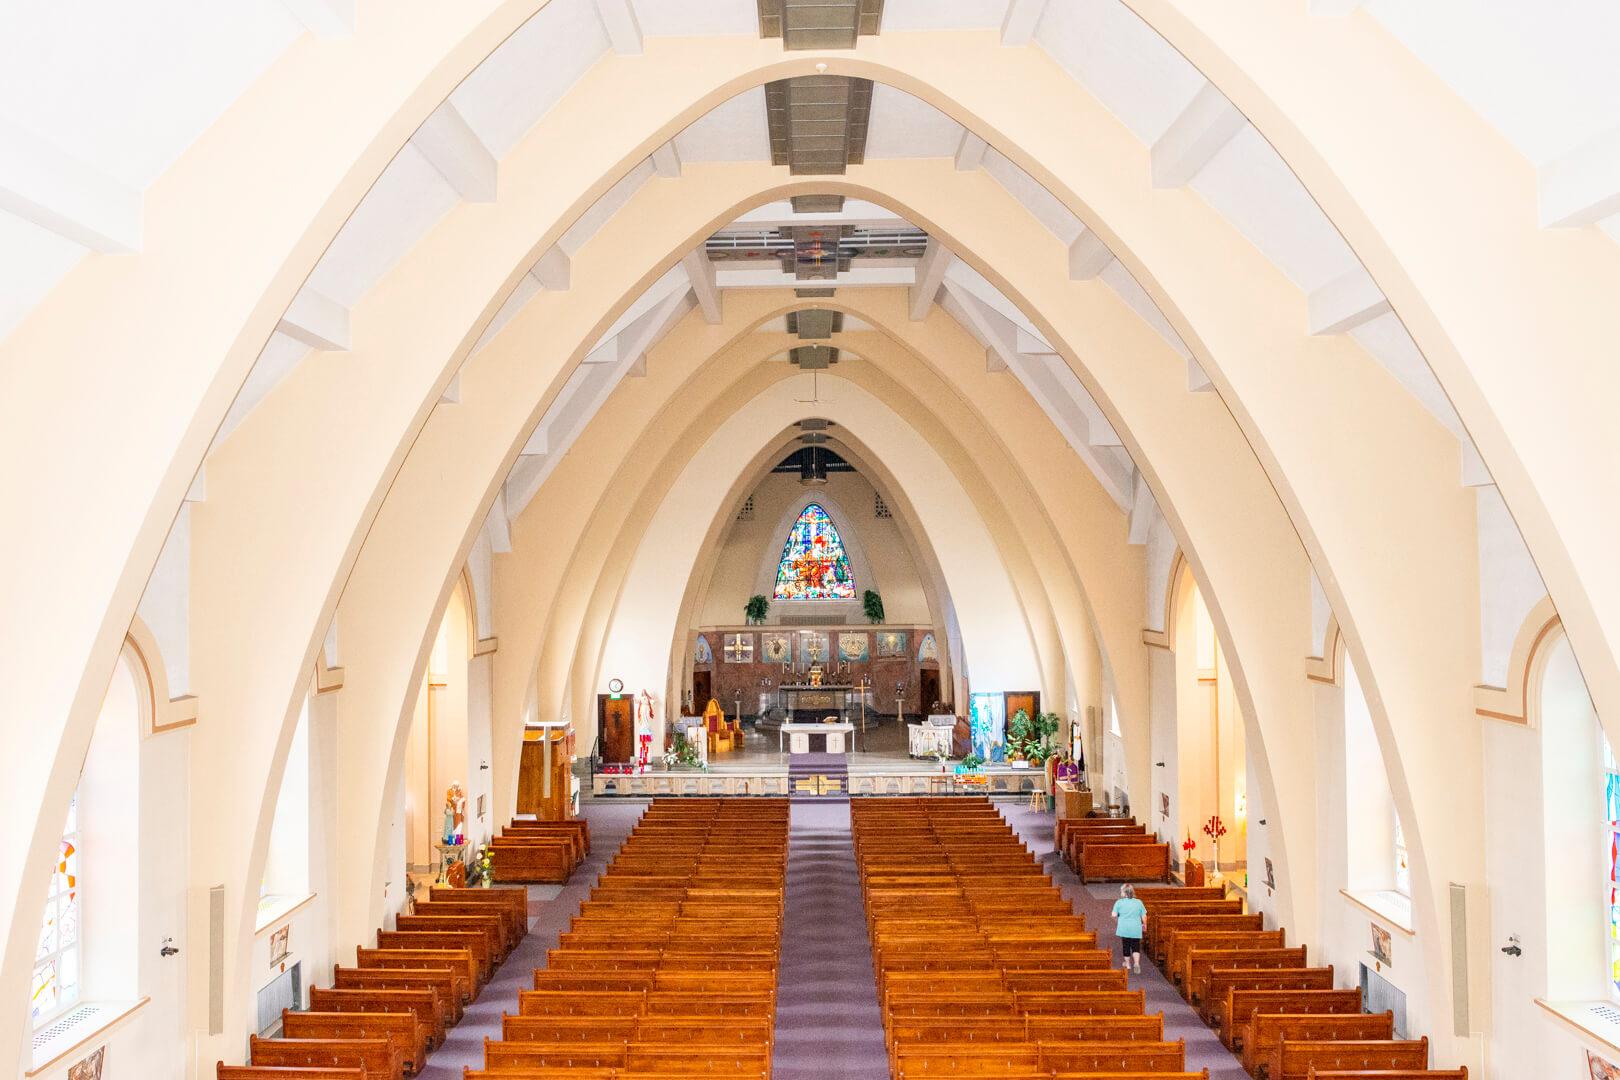 Église Saint-Jérôme de Matane intérieur style Dom-Bellot